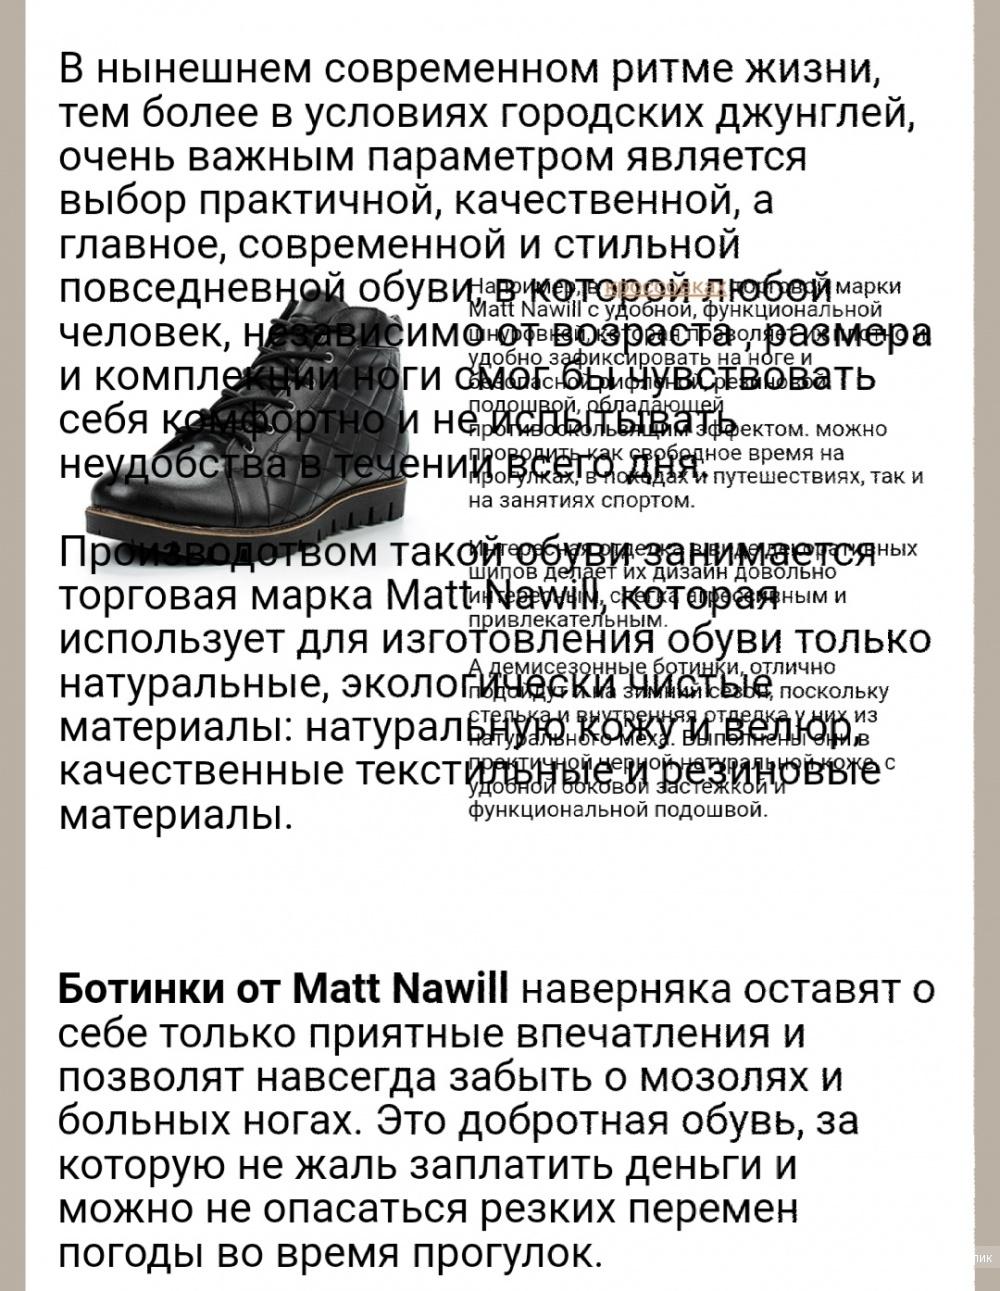 Зимние кеды Matt Nawill, 37